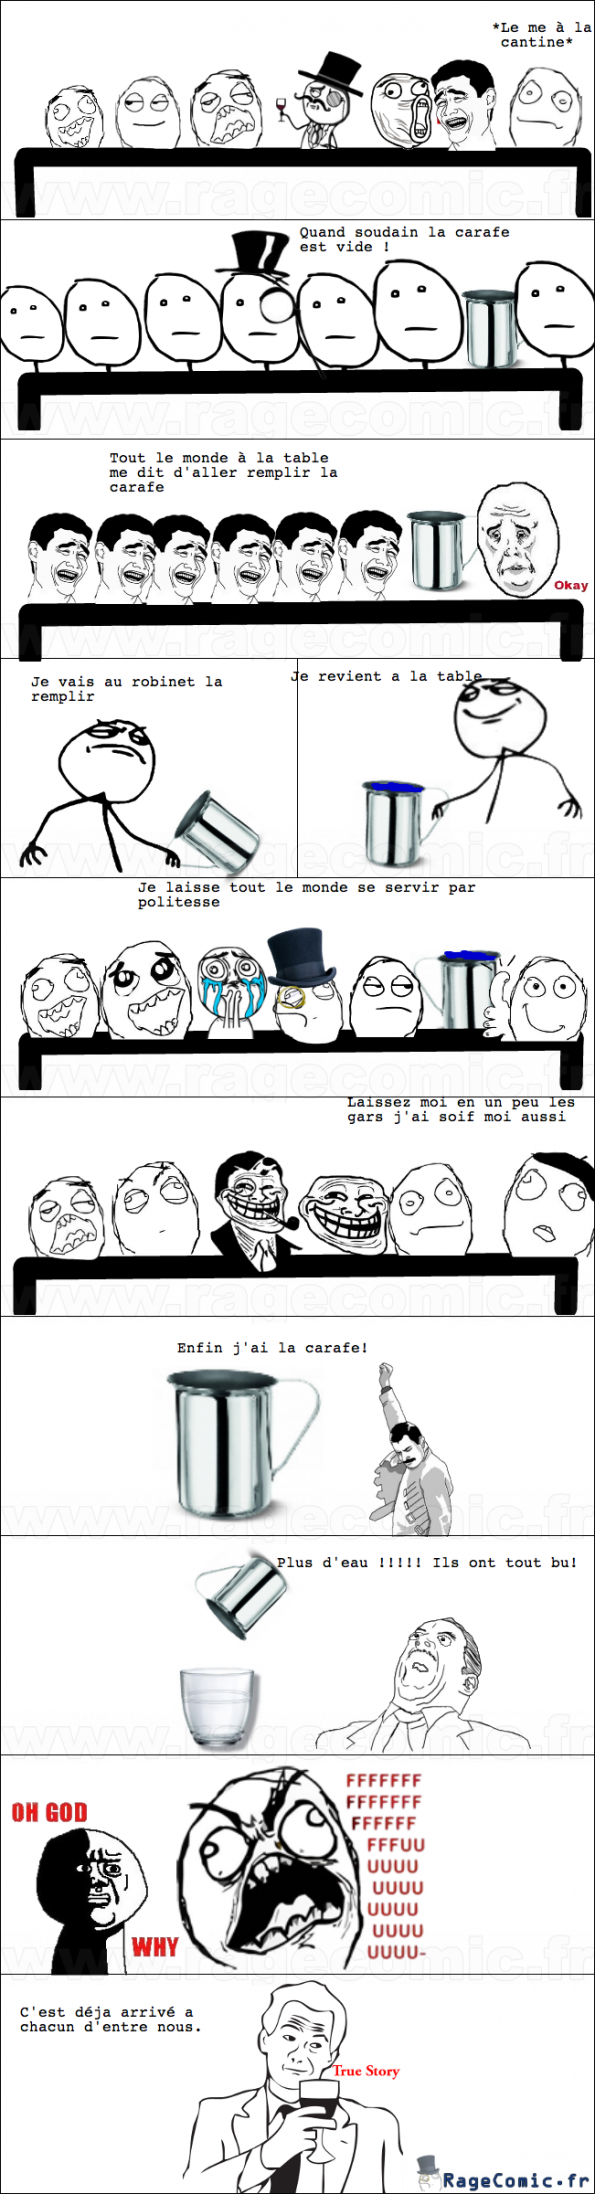 Une histoire de carafe